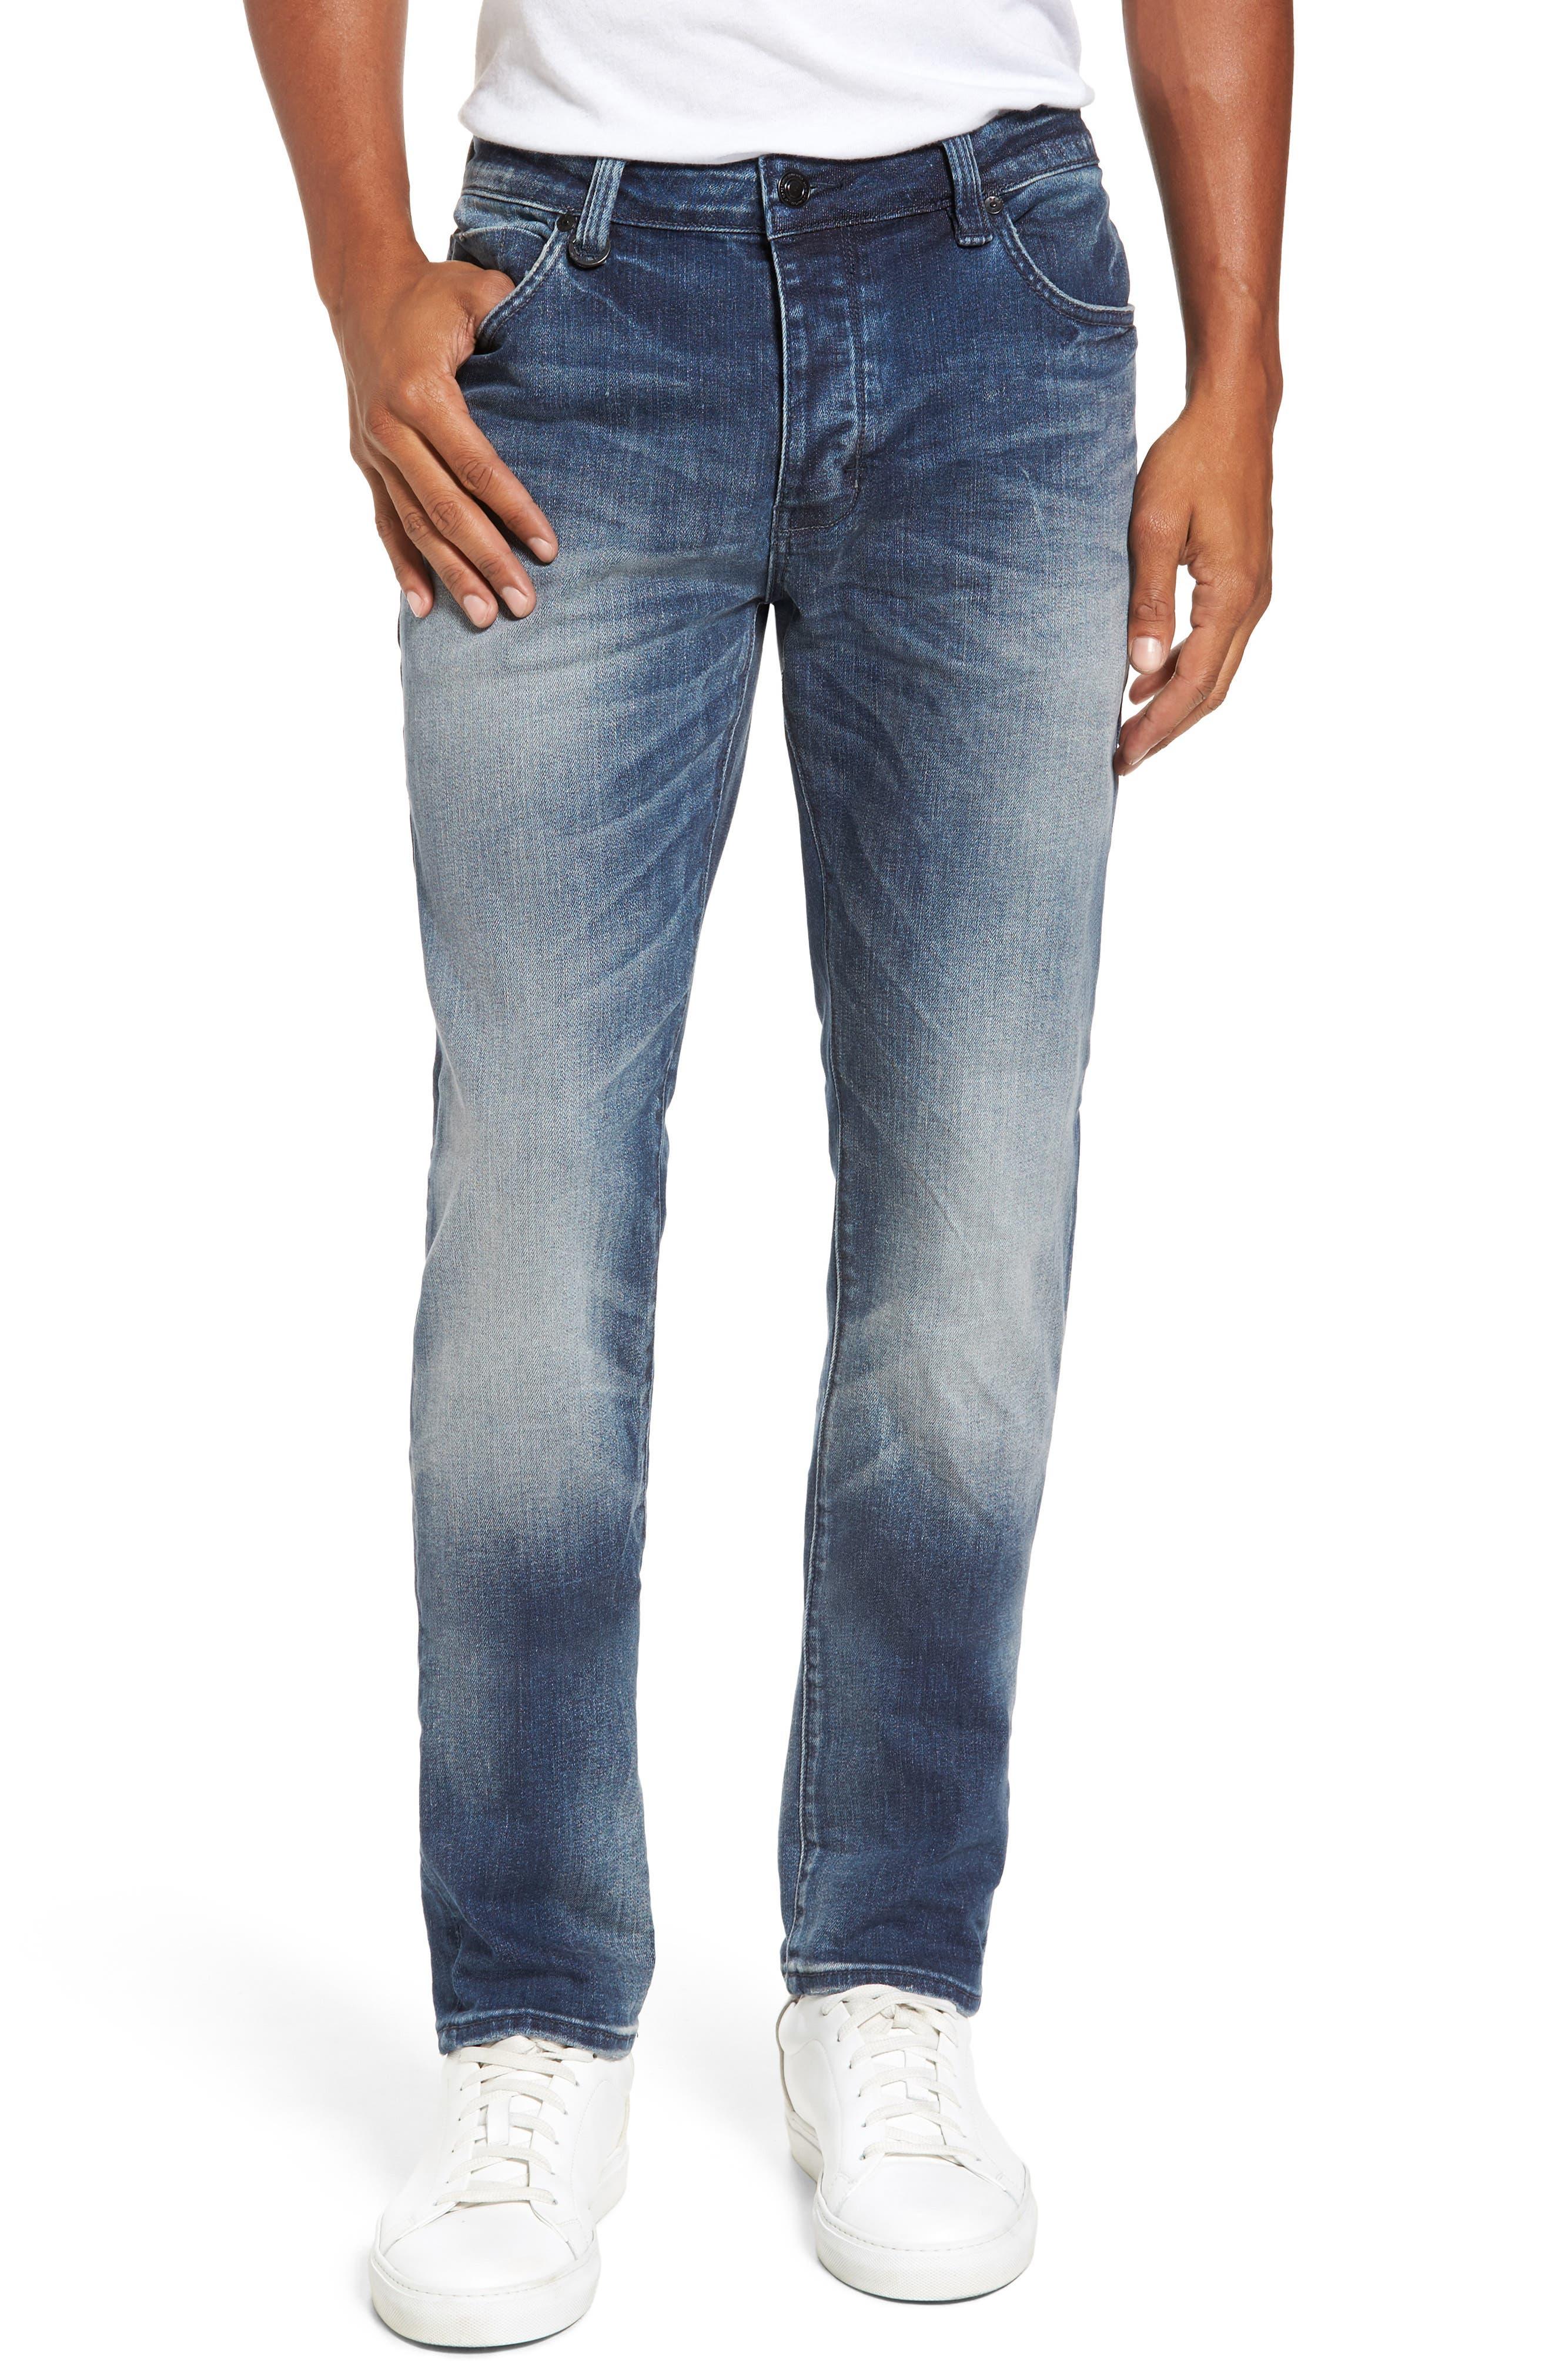 Lou Slim Fit Jeans,                             Main thumbnail 1, color,                             403